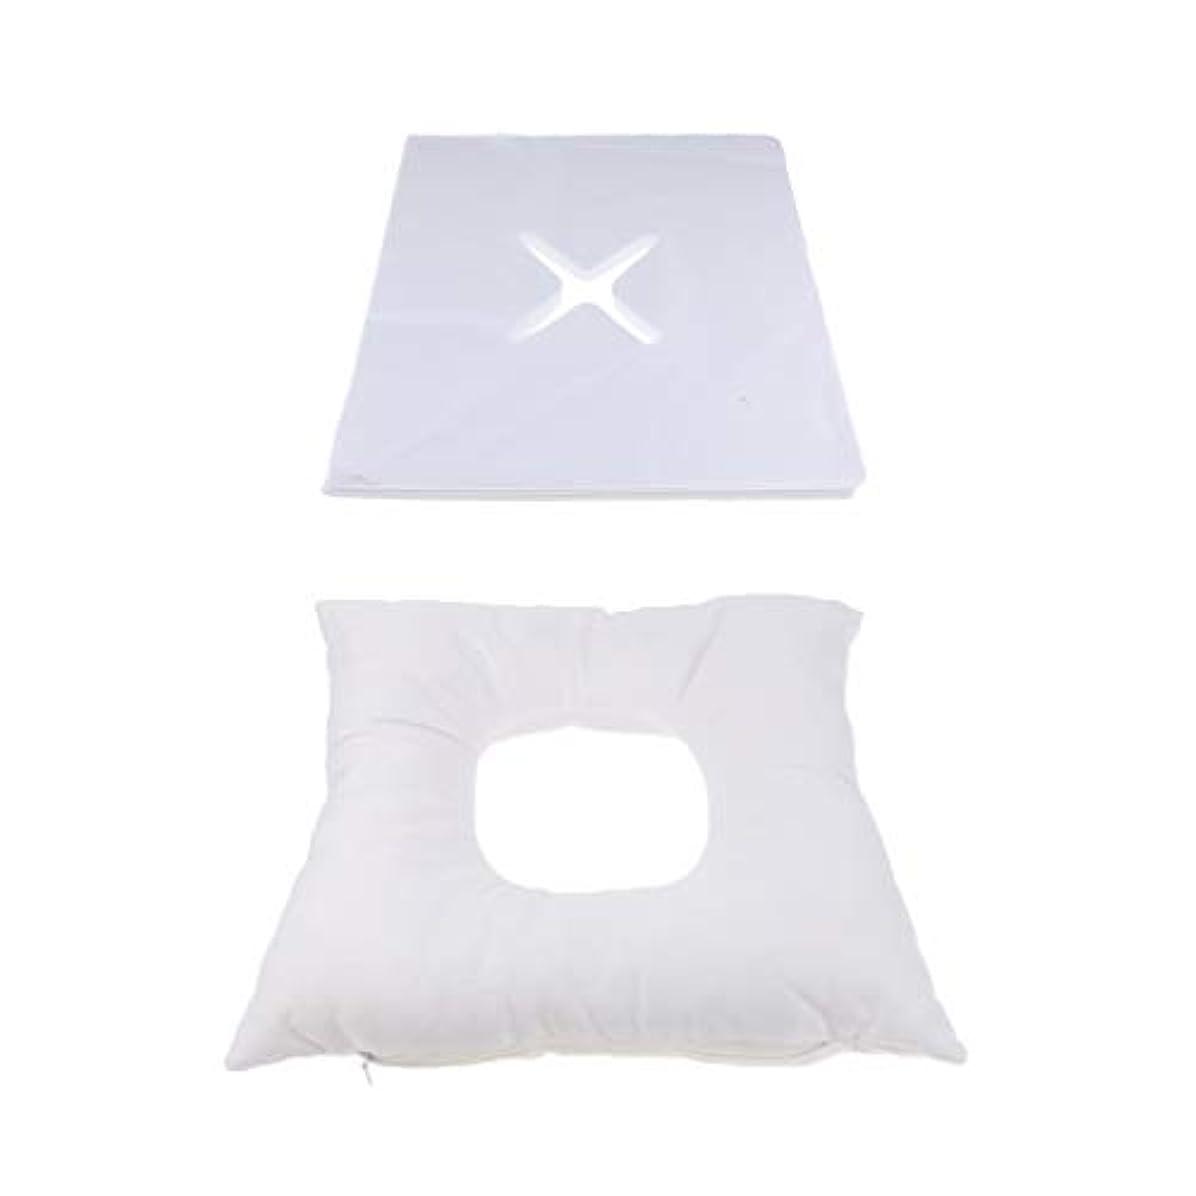 明るい落ち着いた航空会社フェイスマット マッサージ枕 顔枕 エステマクラ 200個使い捨てピローカバー付き サロン 家庭用